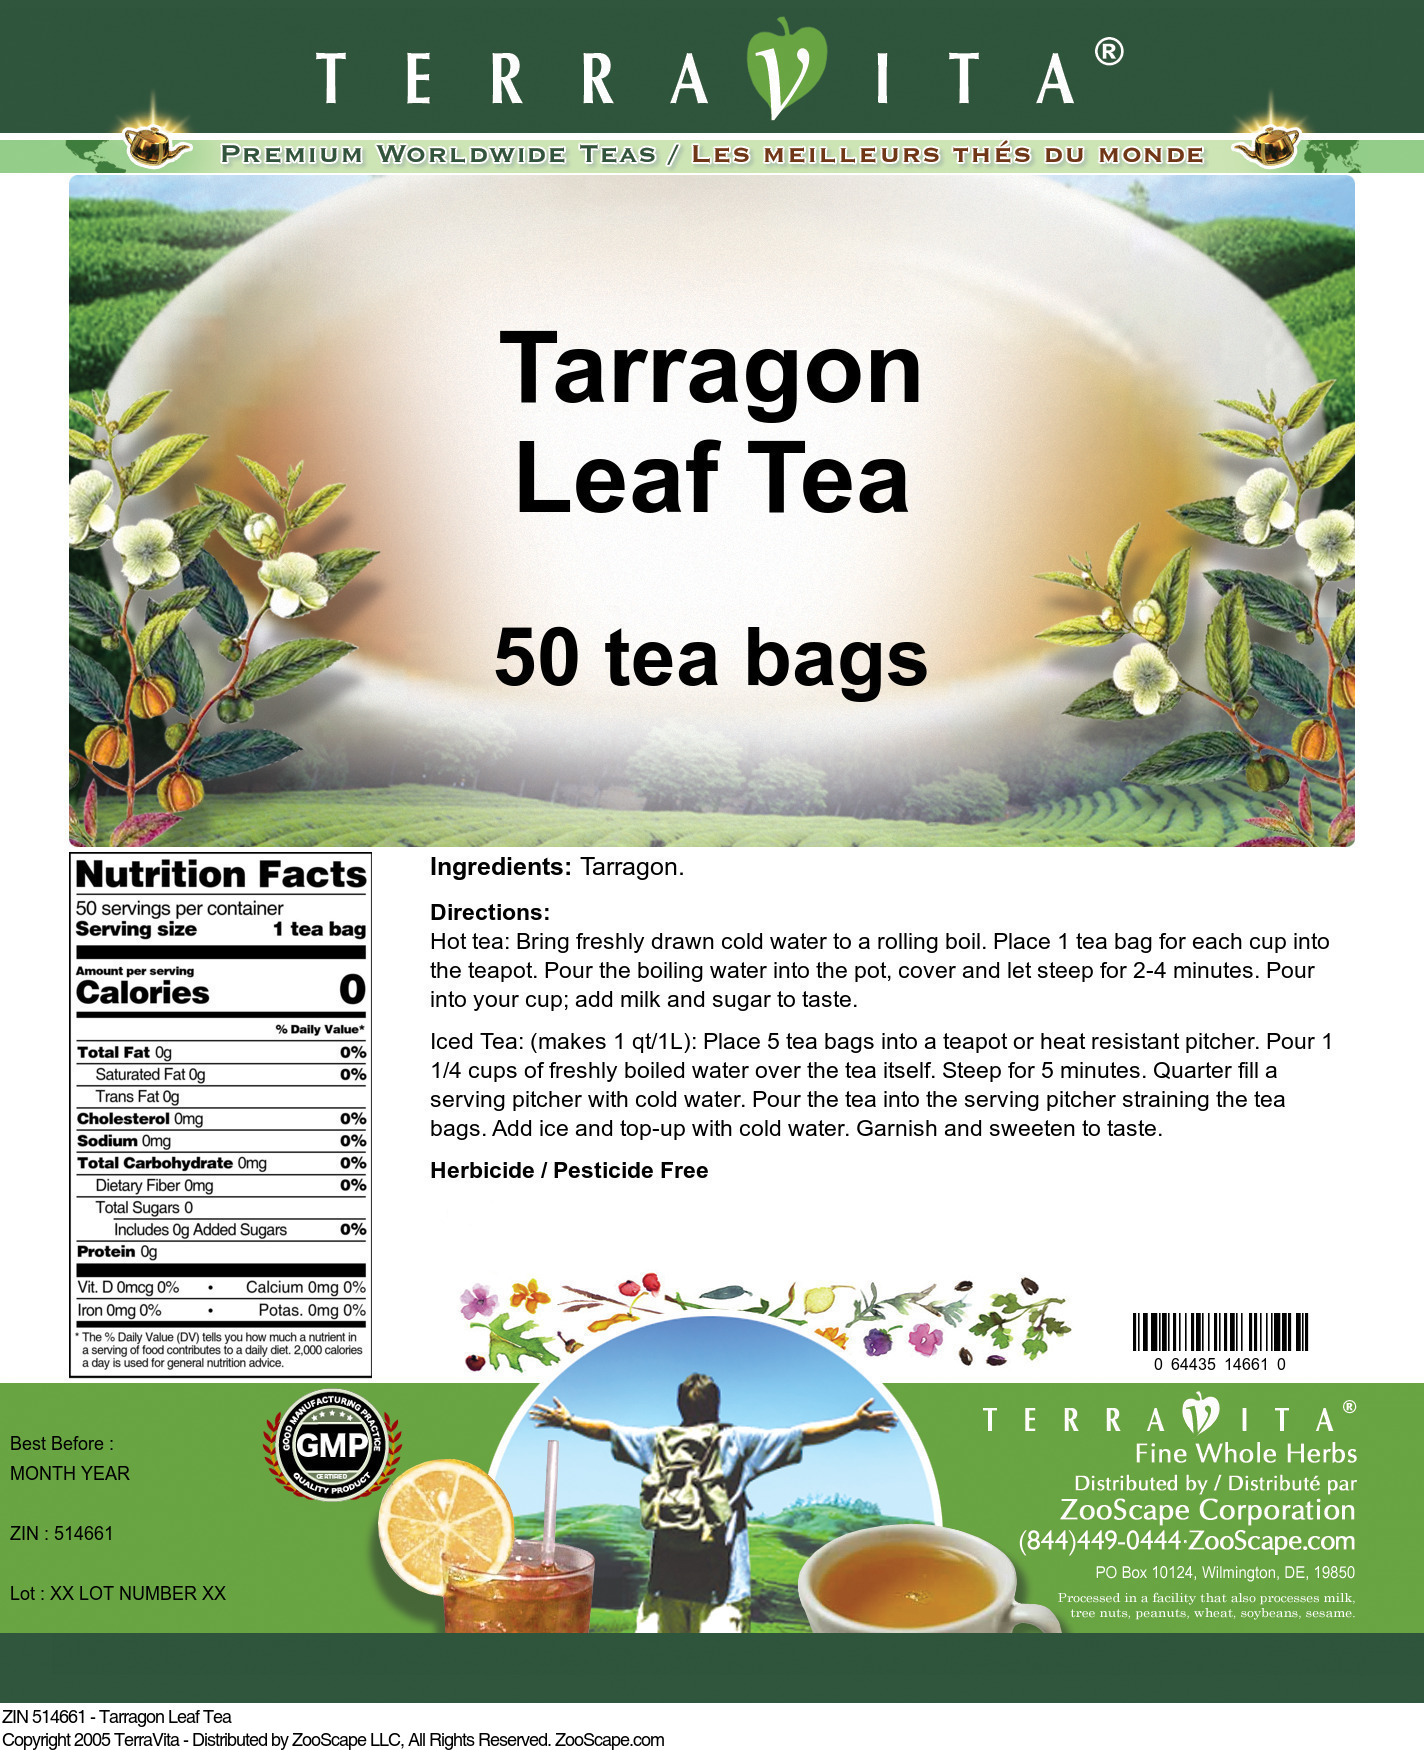 Tarragon Leaf Tea